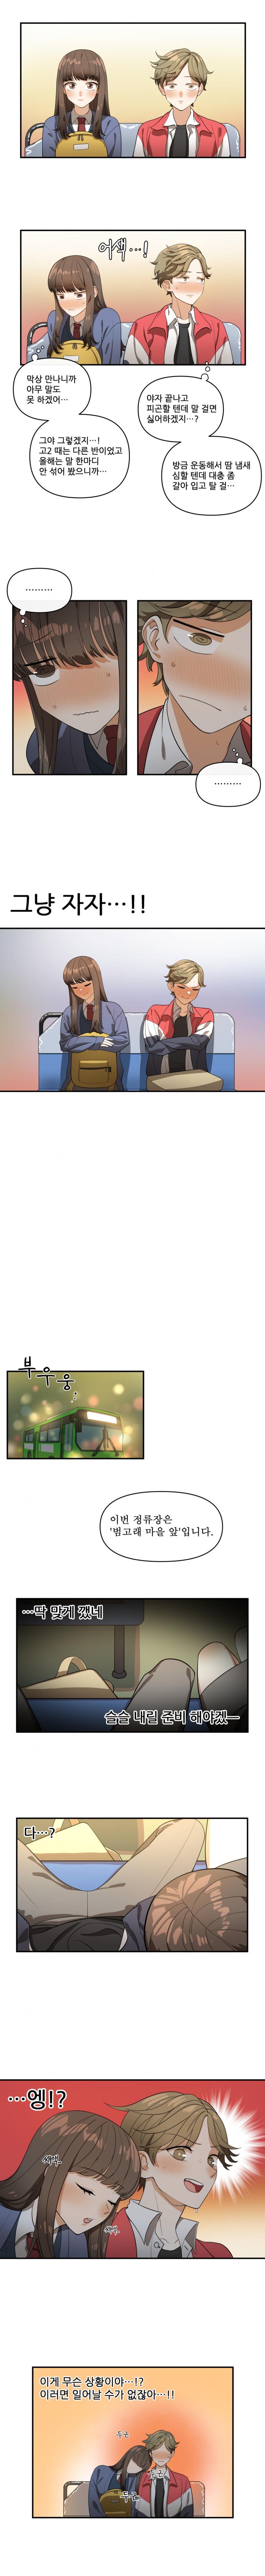 viewimage.php?id=2ebcc232eadd36&no=24b0d769e1d32ca73fec87fa11d0283168a8dd5d0373ee31e5f33784e6208772db8d5dee626732b789c4f0a371e81c709942b90ceae0312011aee0fb58ad1dae361c